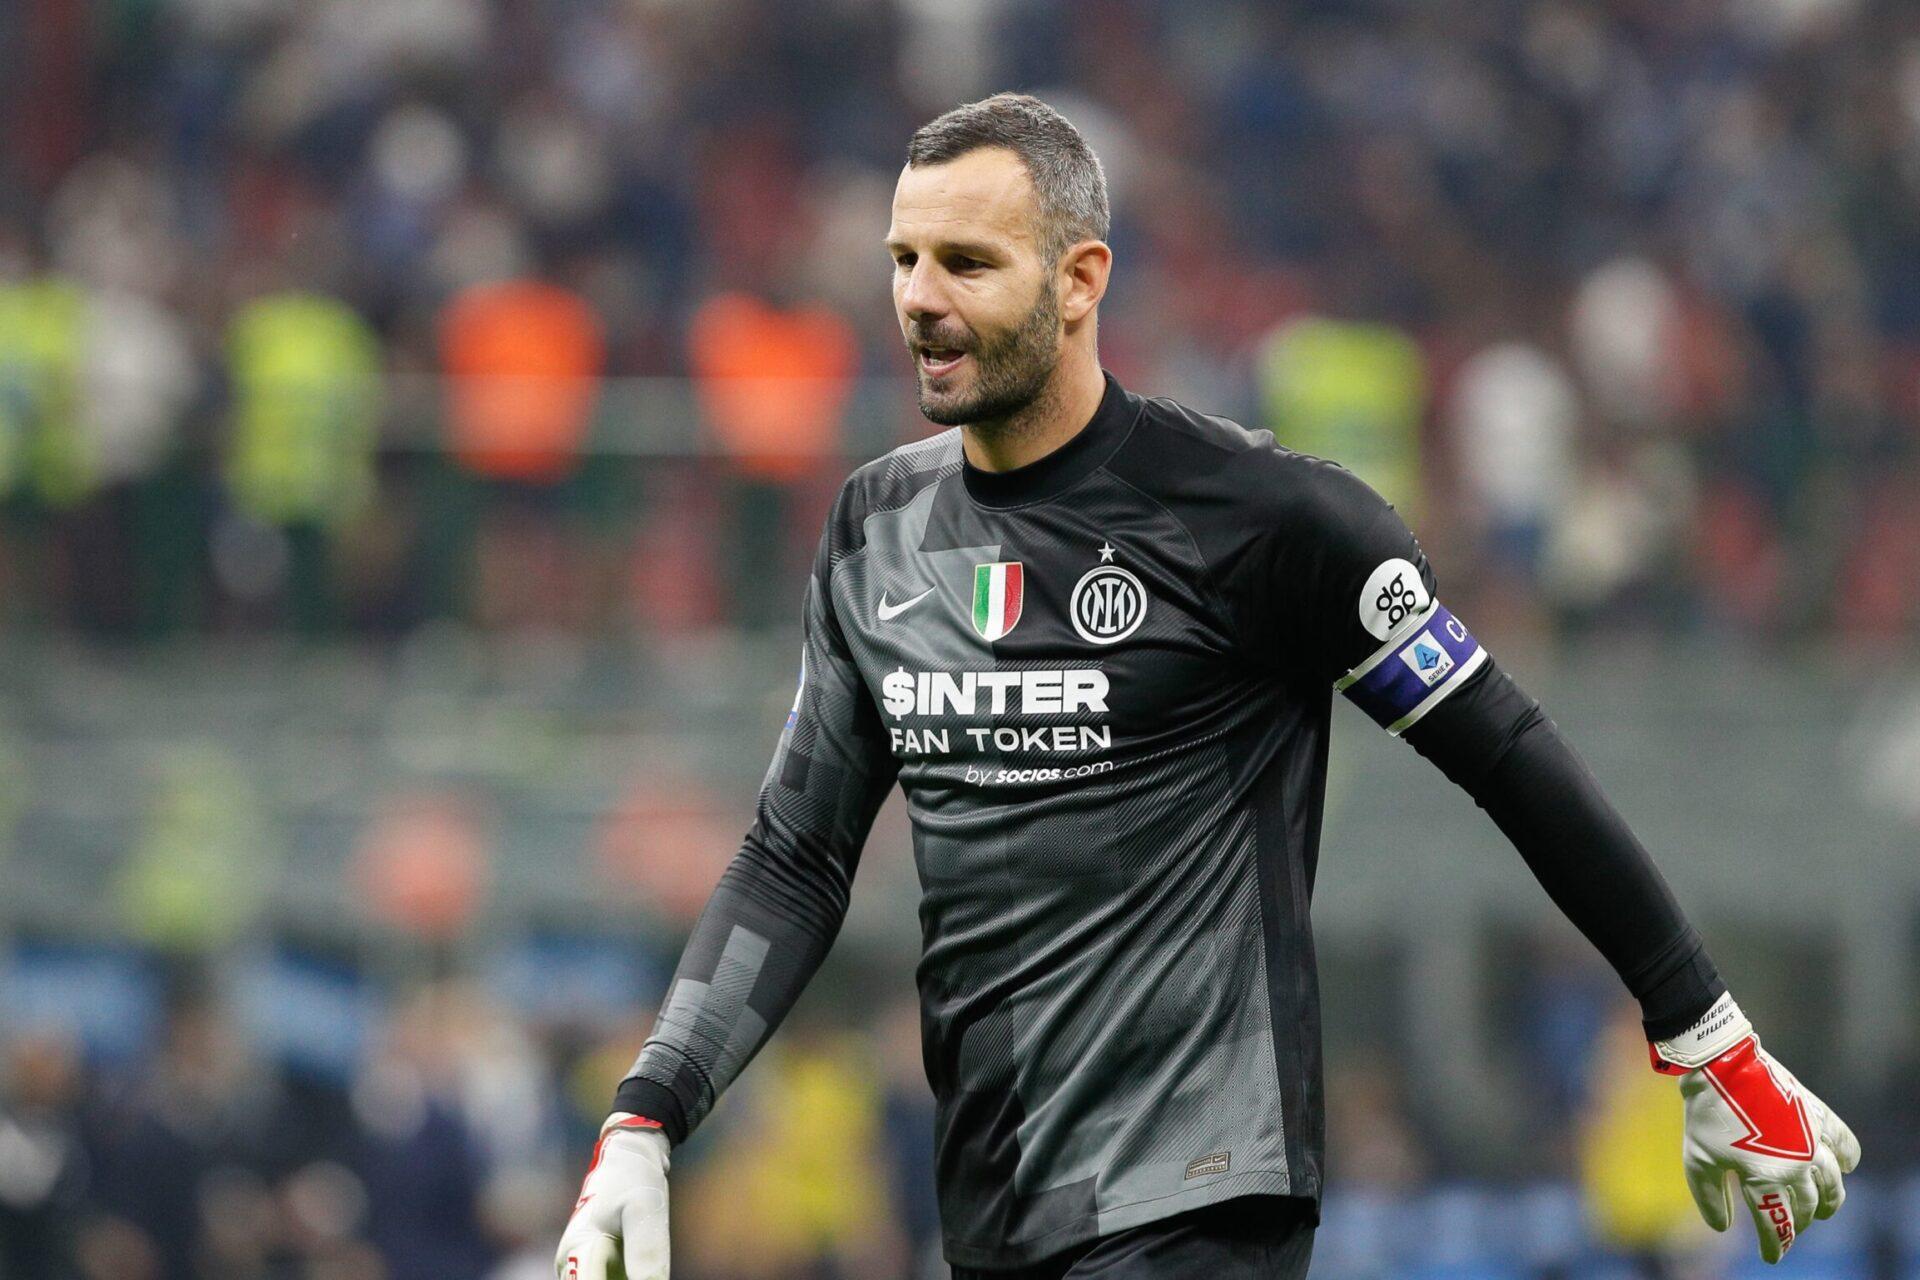 L'Inter pourrait encore faire confiance à Handanovič l'année prochaine, mais Onana devrait rapidement lui succéder (iconsport)